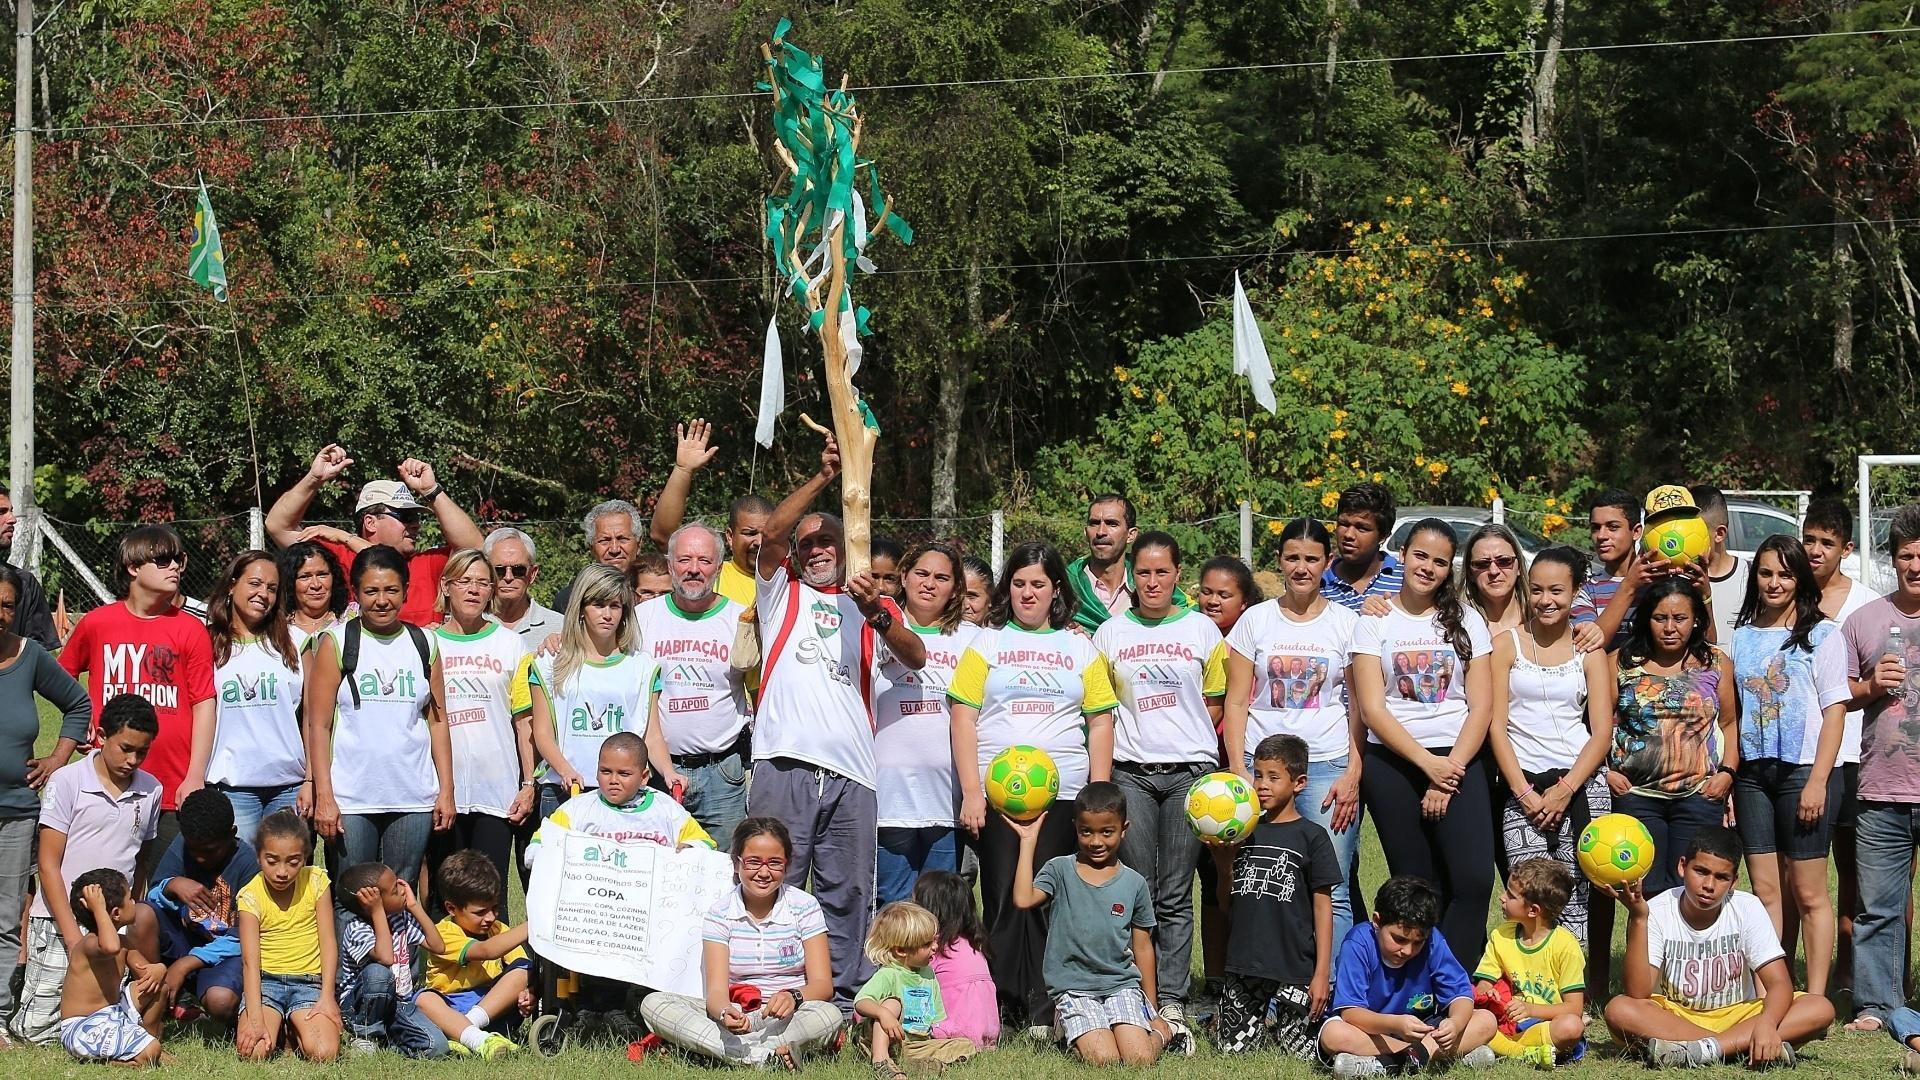 Vitimas das enchentes em Teresópolis realizaram protesto em frente à concentração da seleção brasileira na Granja Comary